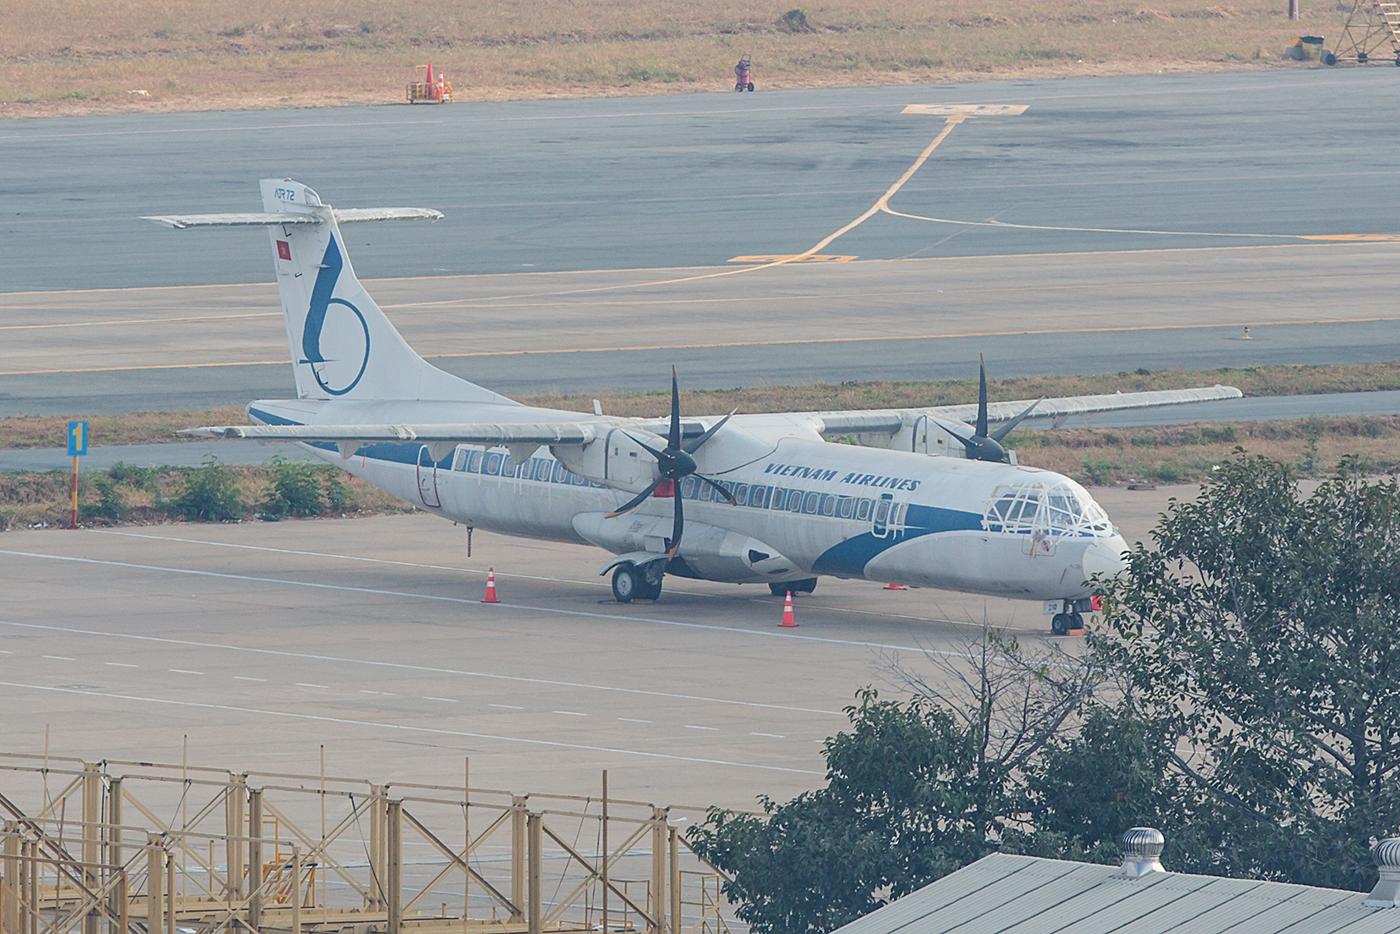 Das letzte Flugzeug der Vietnam Airlines in der ganz alten Bemalung.